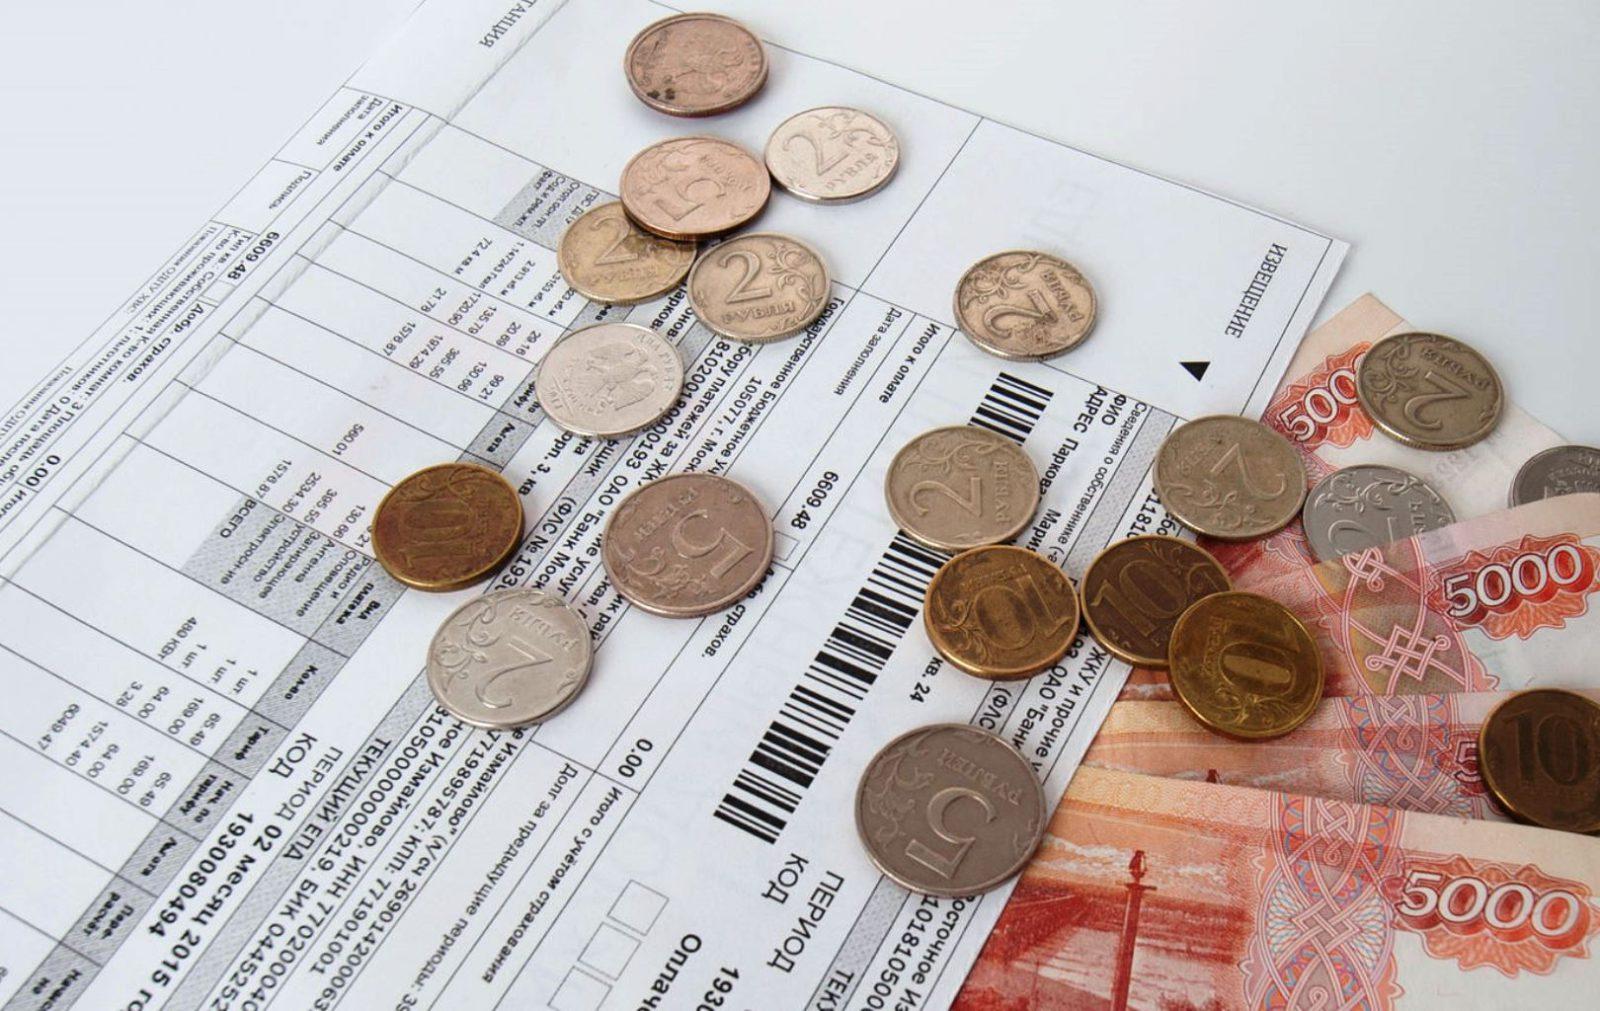 Названы коммунальные счета, которые можно не оплачивать законно